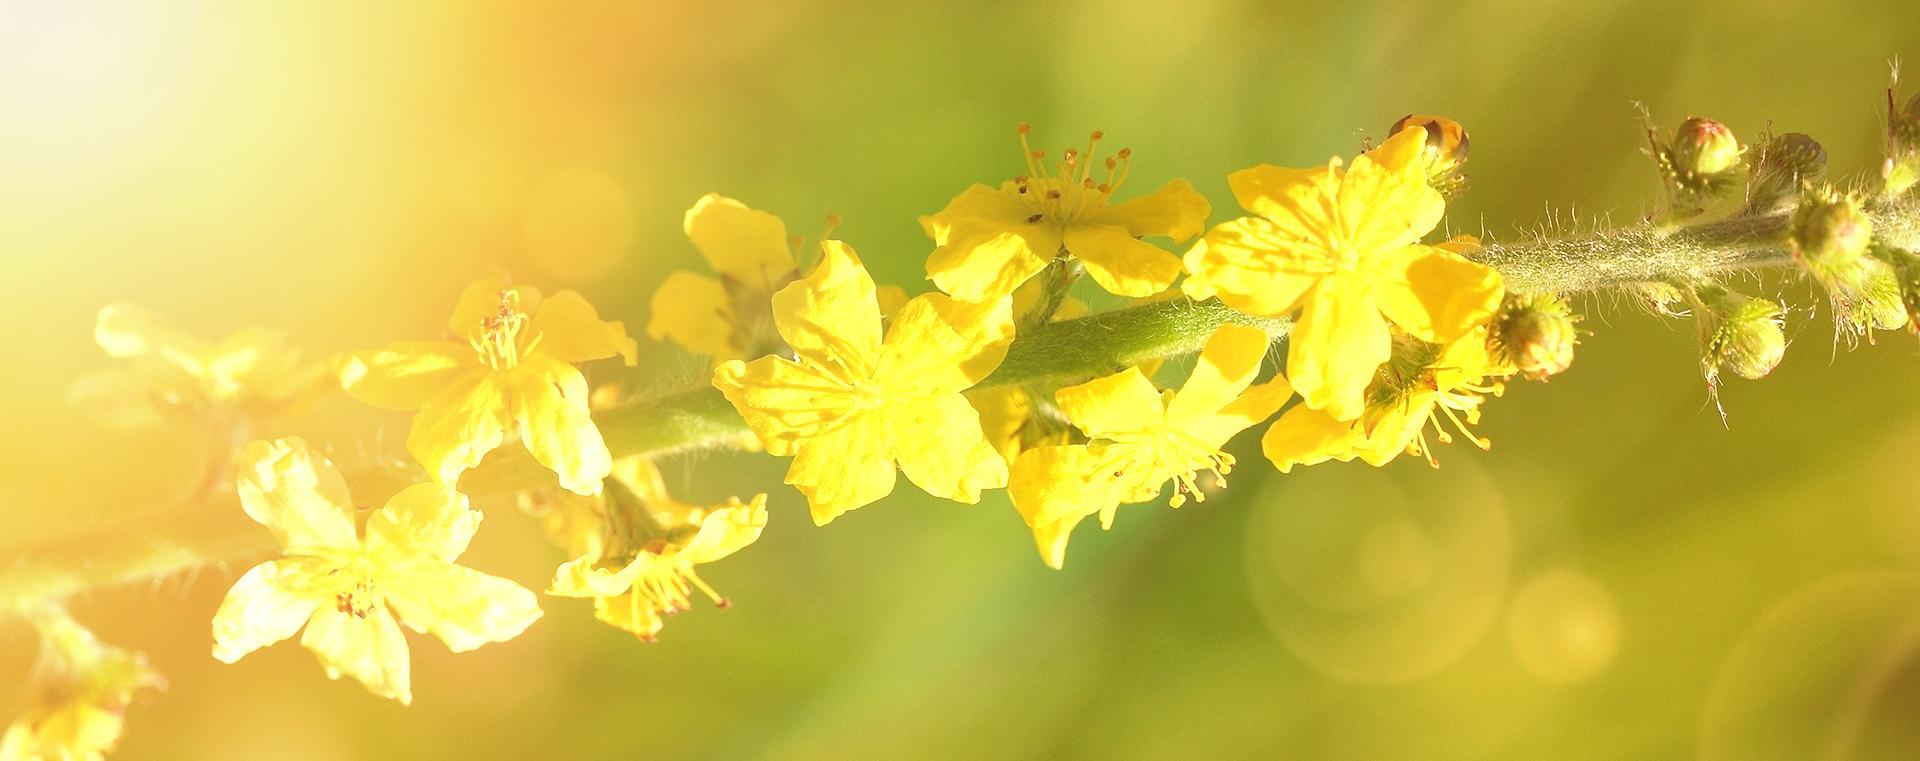 bachbluete-No-01-agrimony-kleiner-odermennig